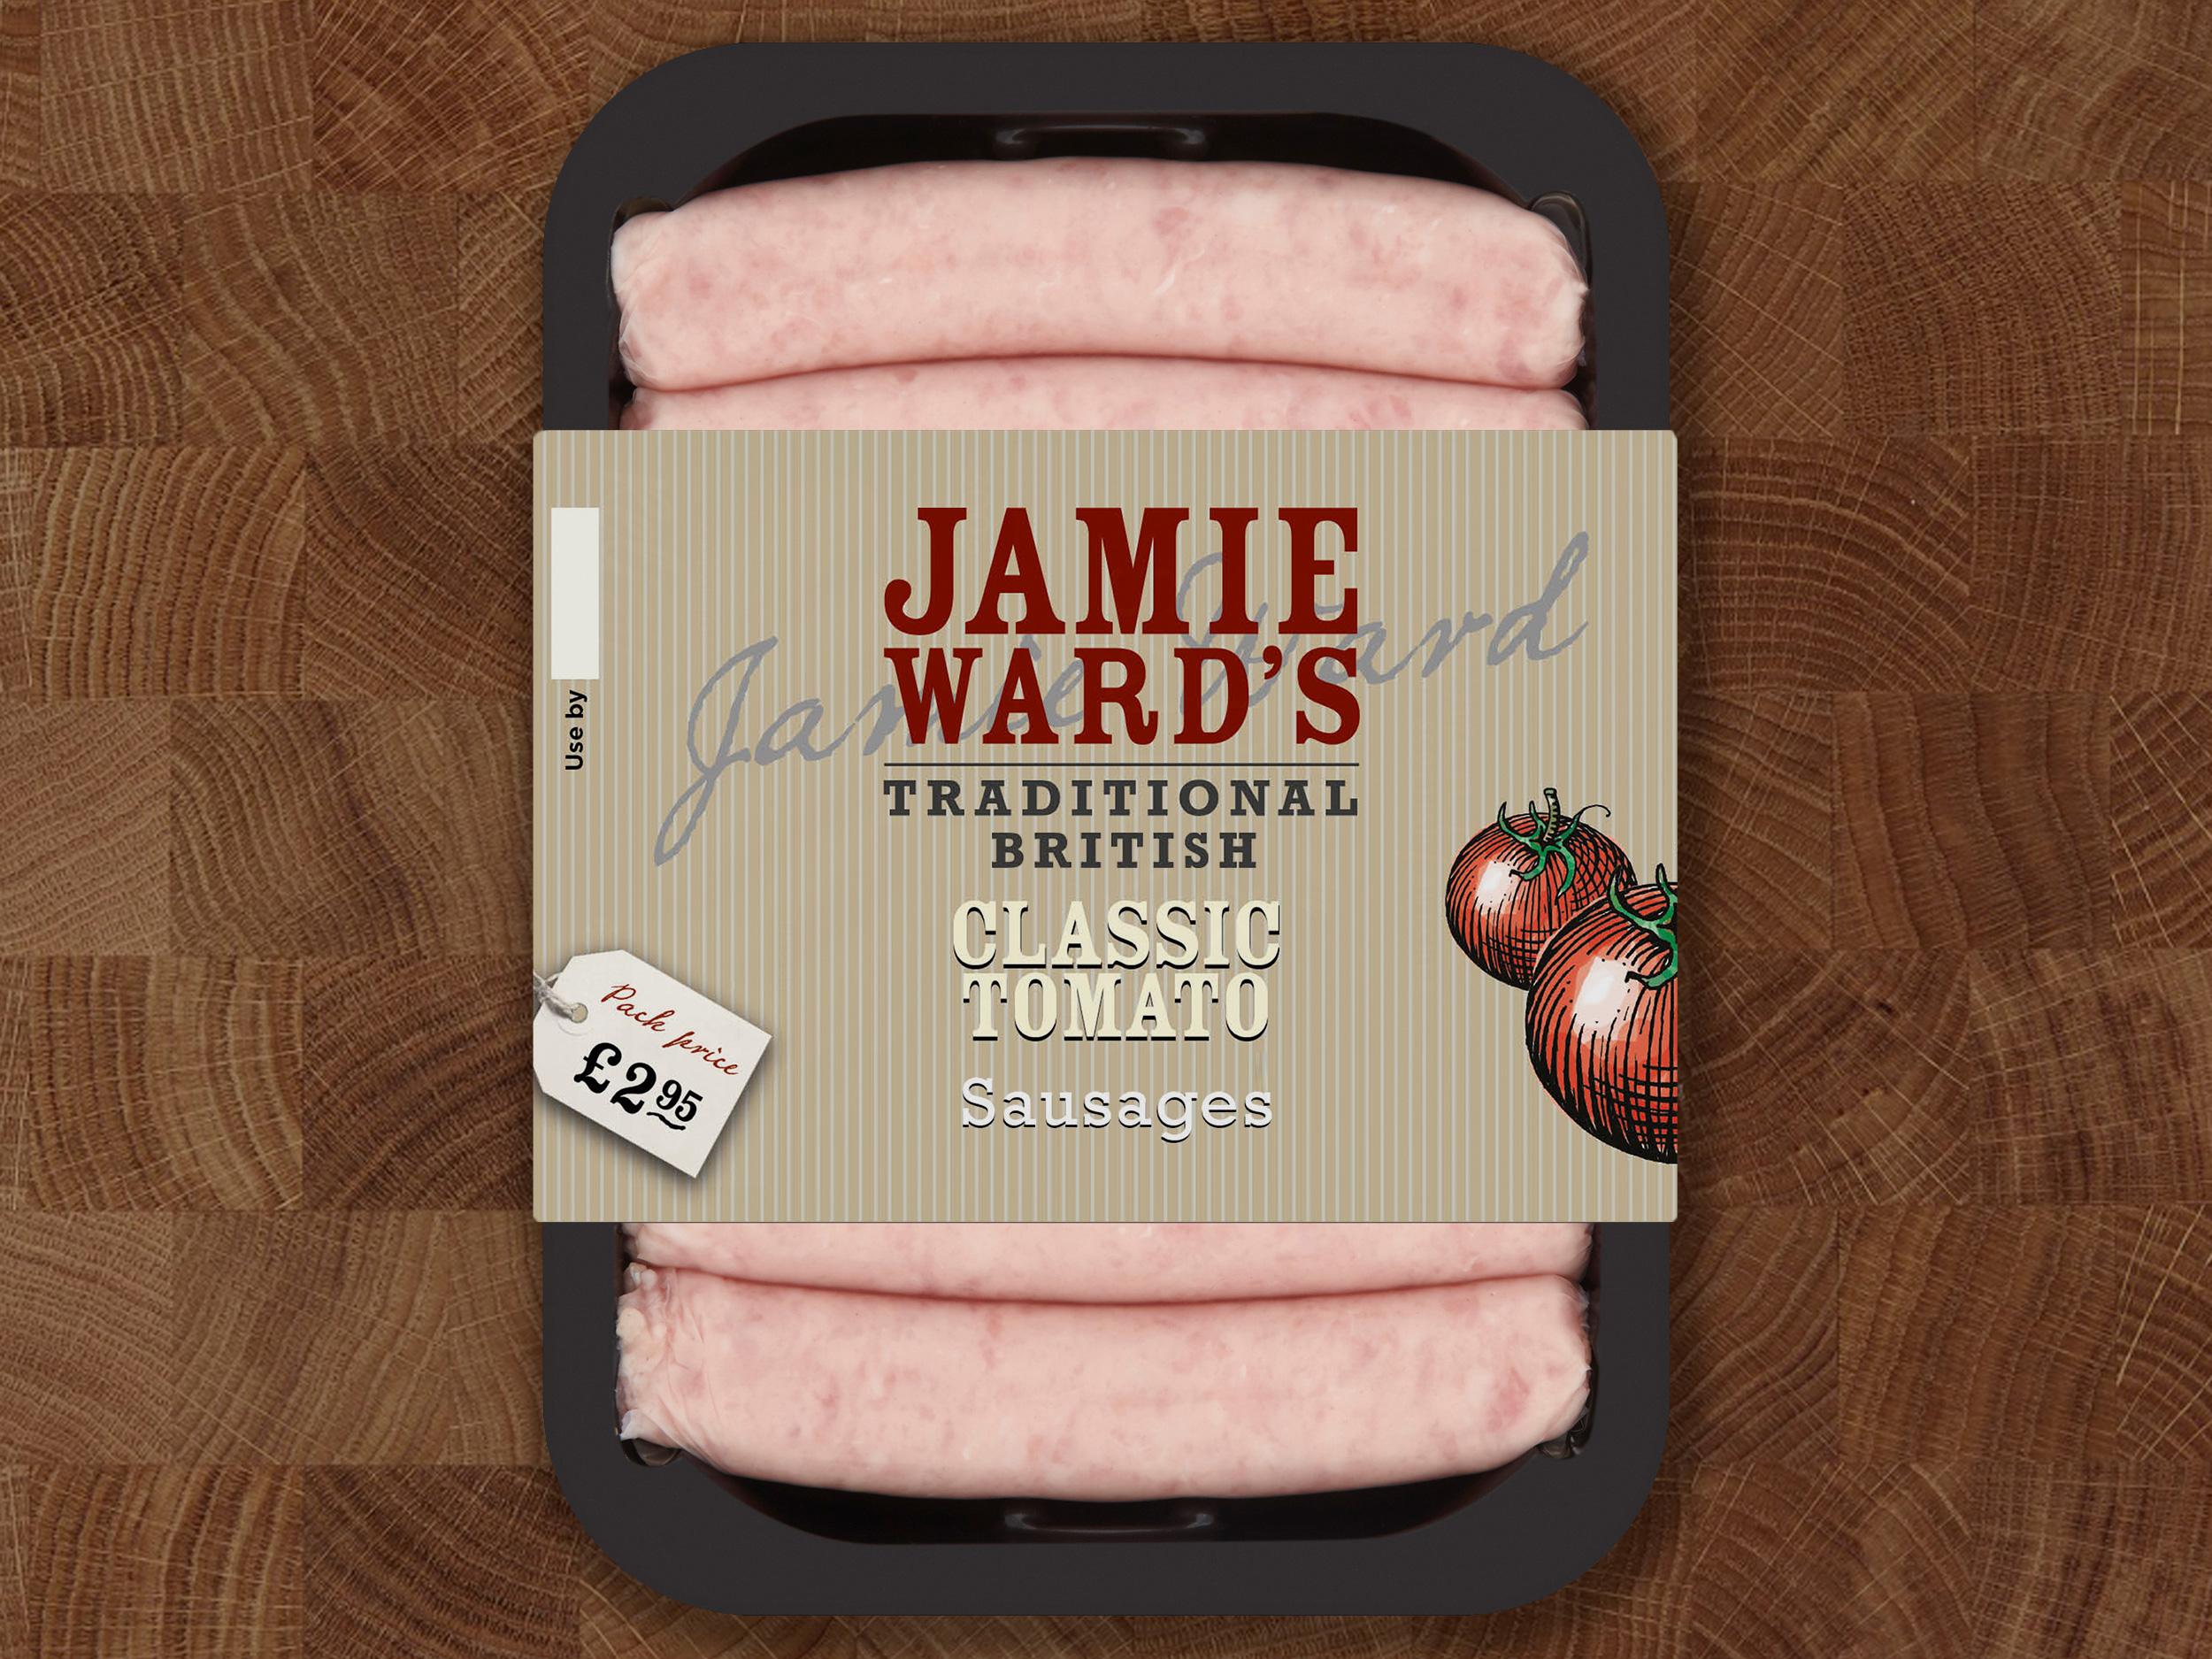 Jamie Ward packaging